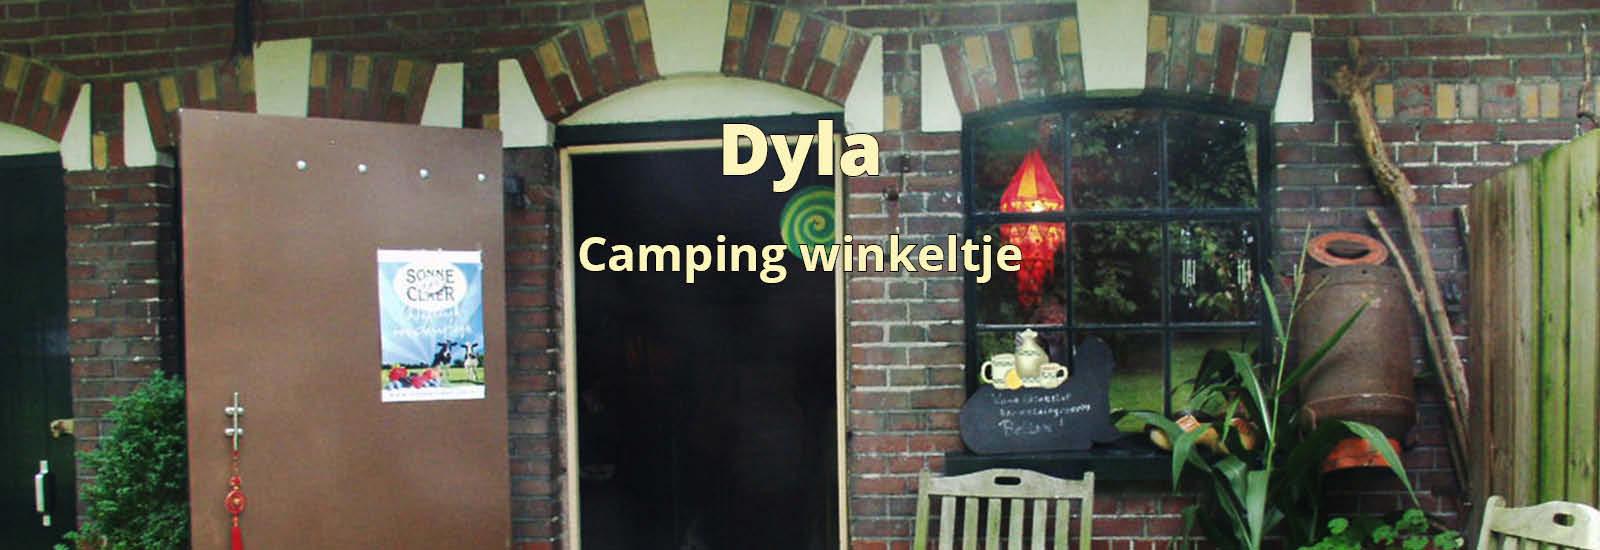 dyla camping winkeltje